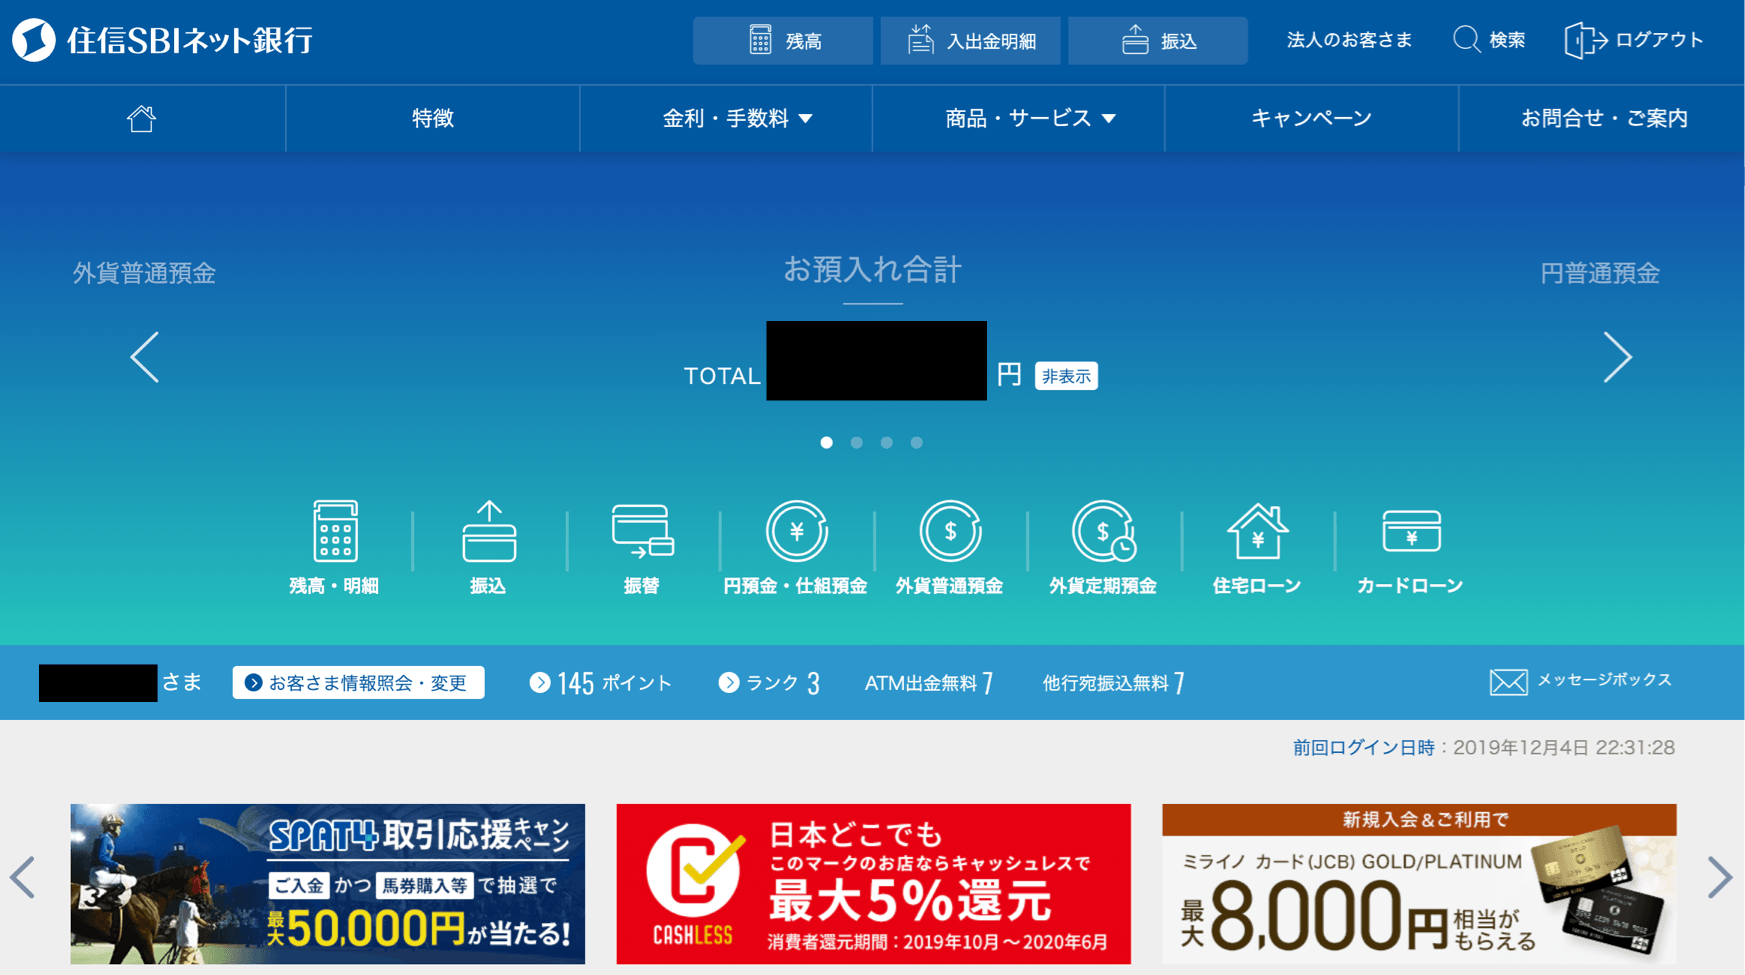 住信SBIネット銀行のホームページ